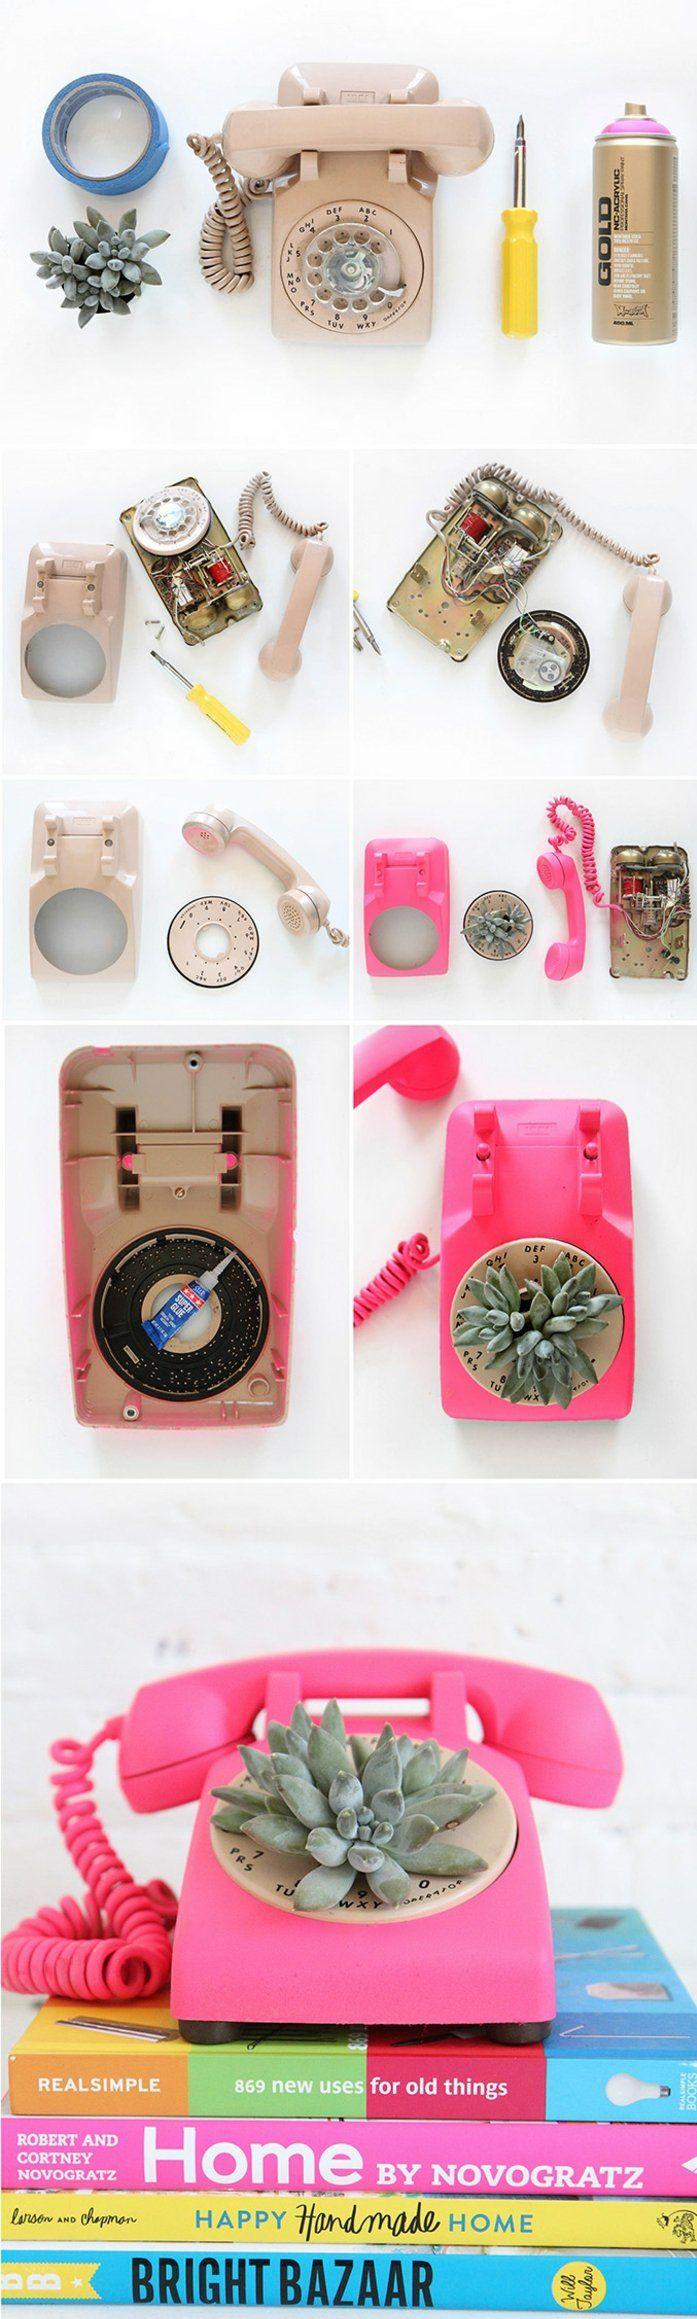 plante-succulente-dans-une-téléphone-vintage-idée-DIY-déco-chambre-téléphone-rose-cadran-tuto-deco-facile-à-faire-upcycling